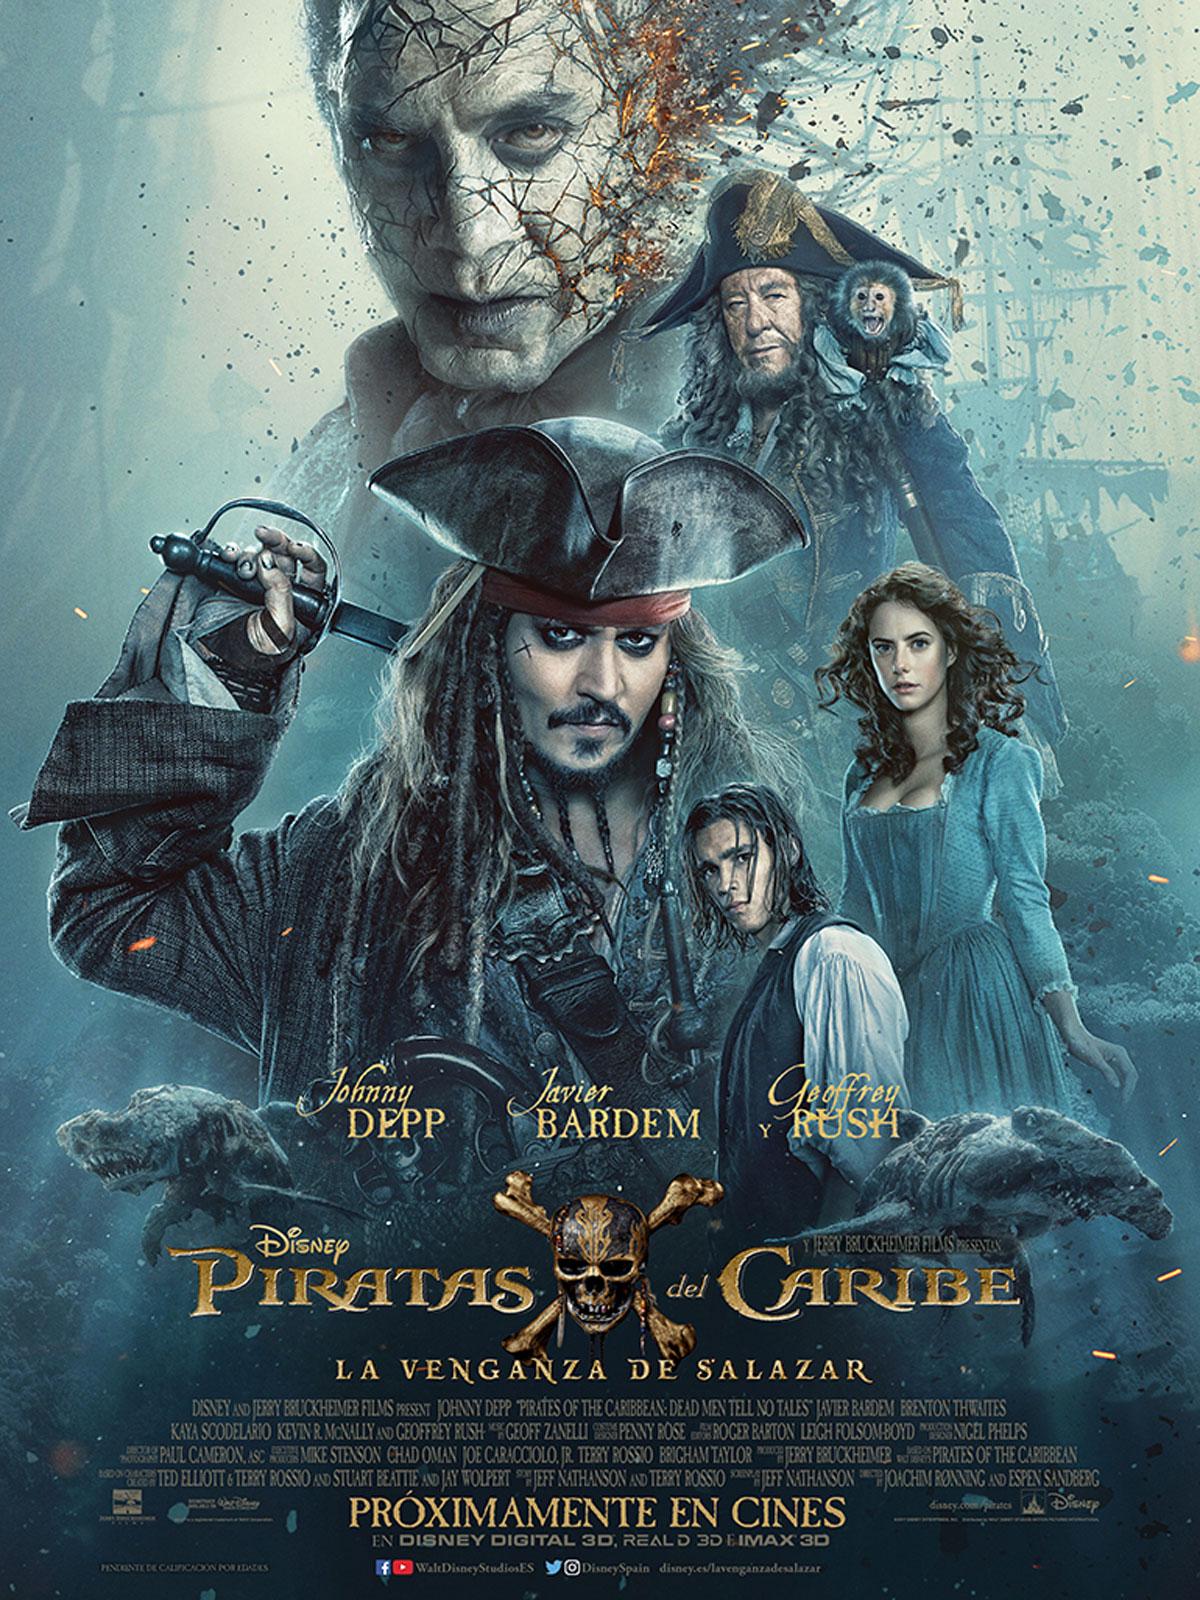 Piratas del Caribe. La Venganza de Salazar en el Cine Navalmoral de Navalmoral de La Mata – TiétarTeVe